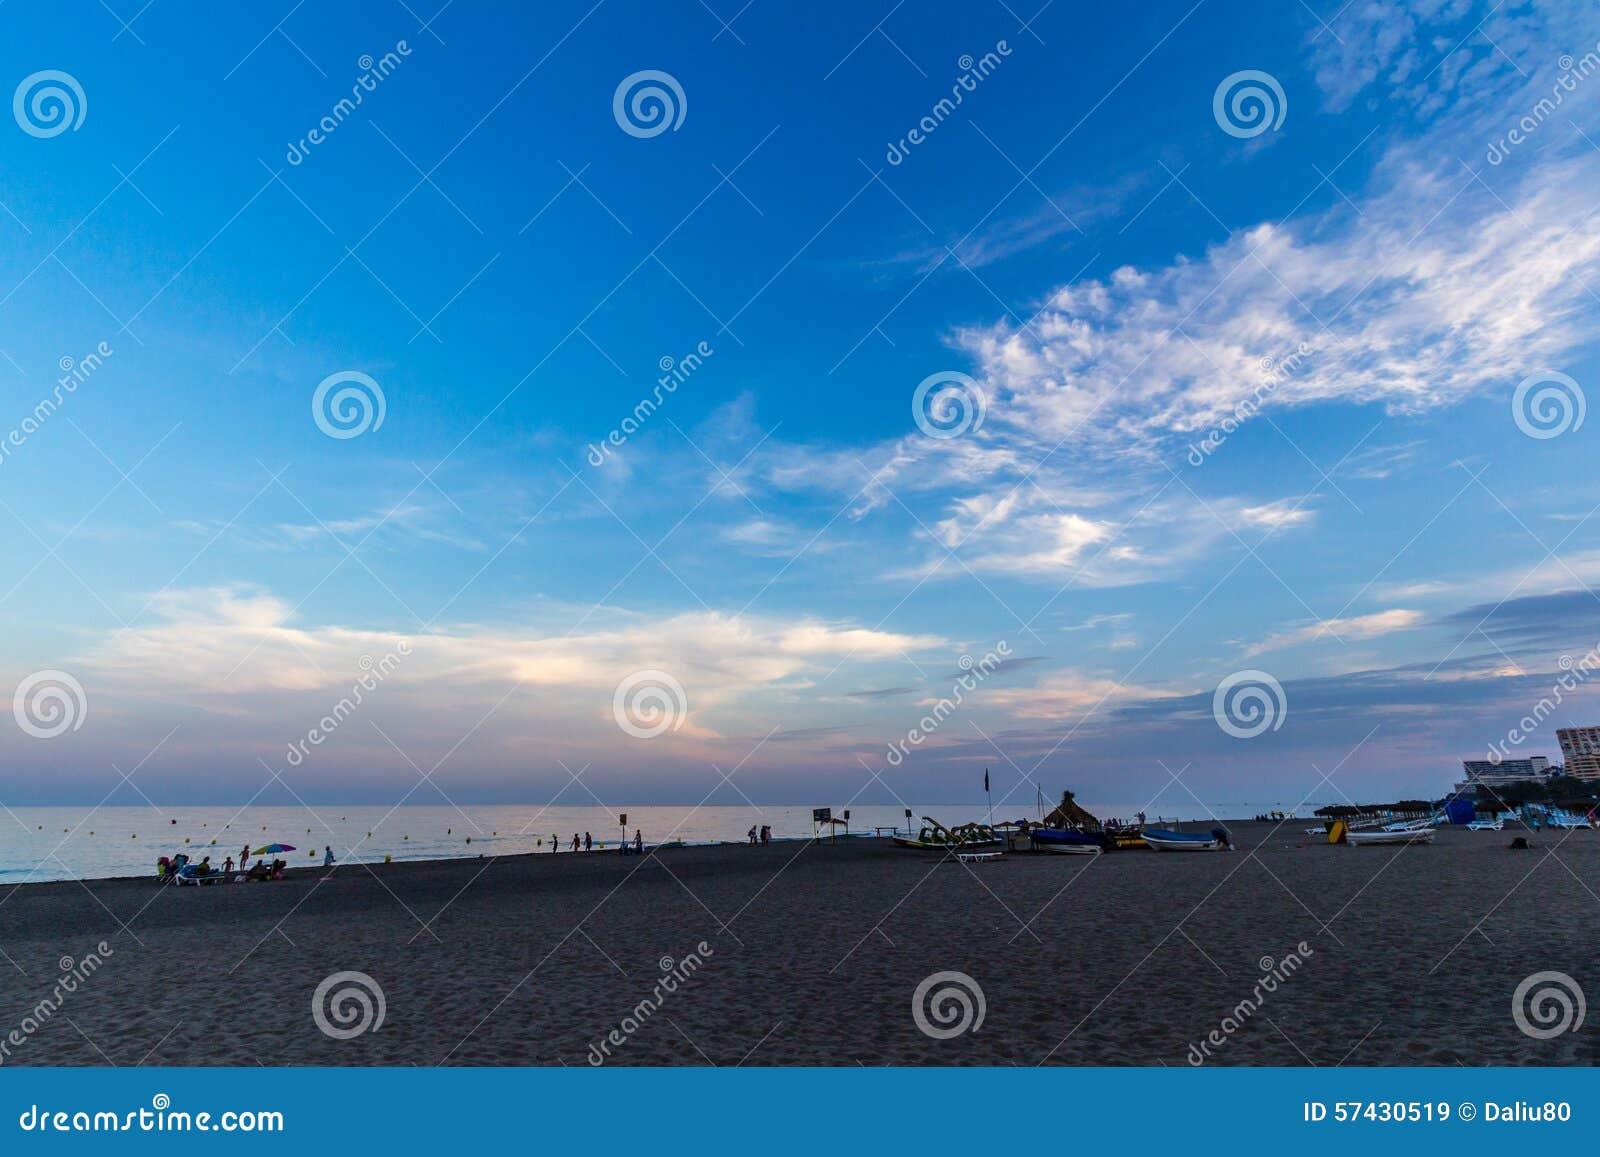 View of Beach in Torremolinos in evening